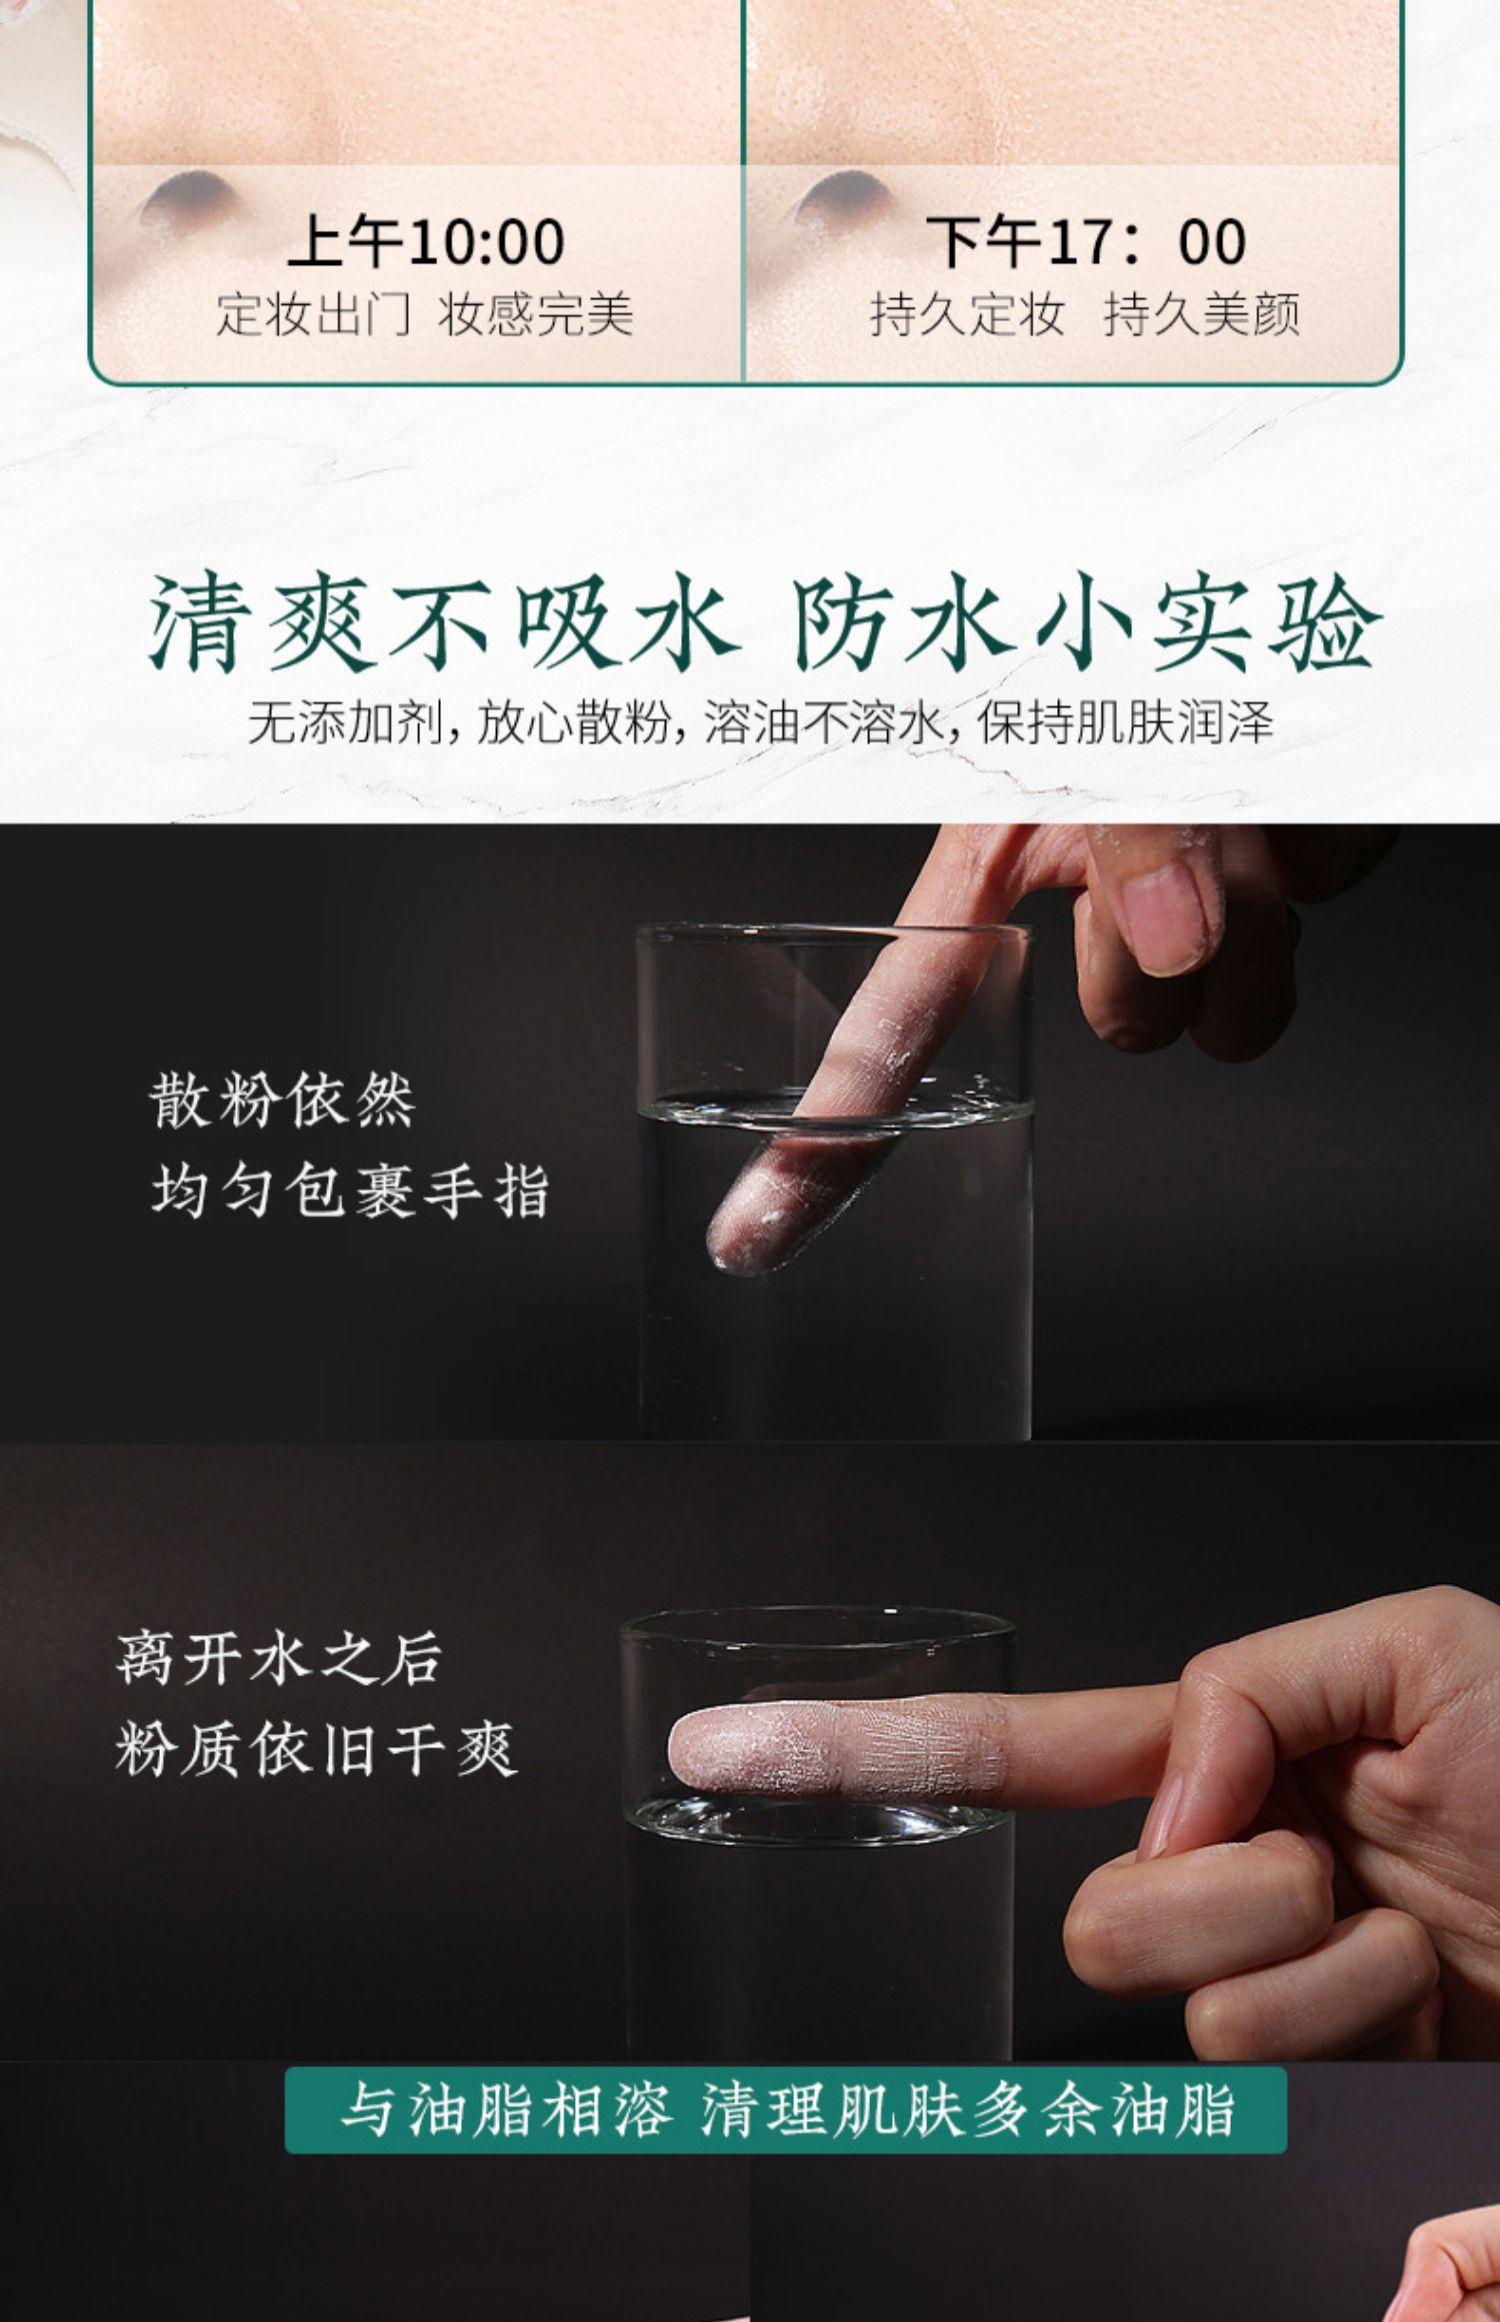 【 买二送一】草木之心滤镜定妆散粉